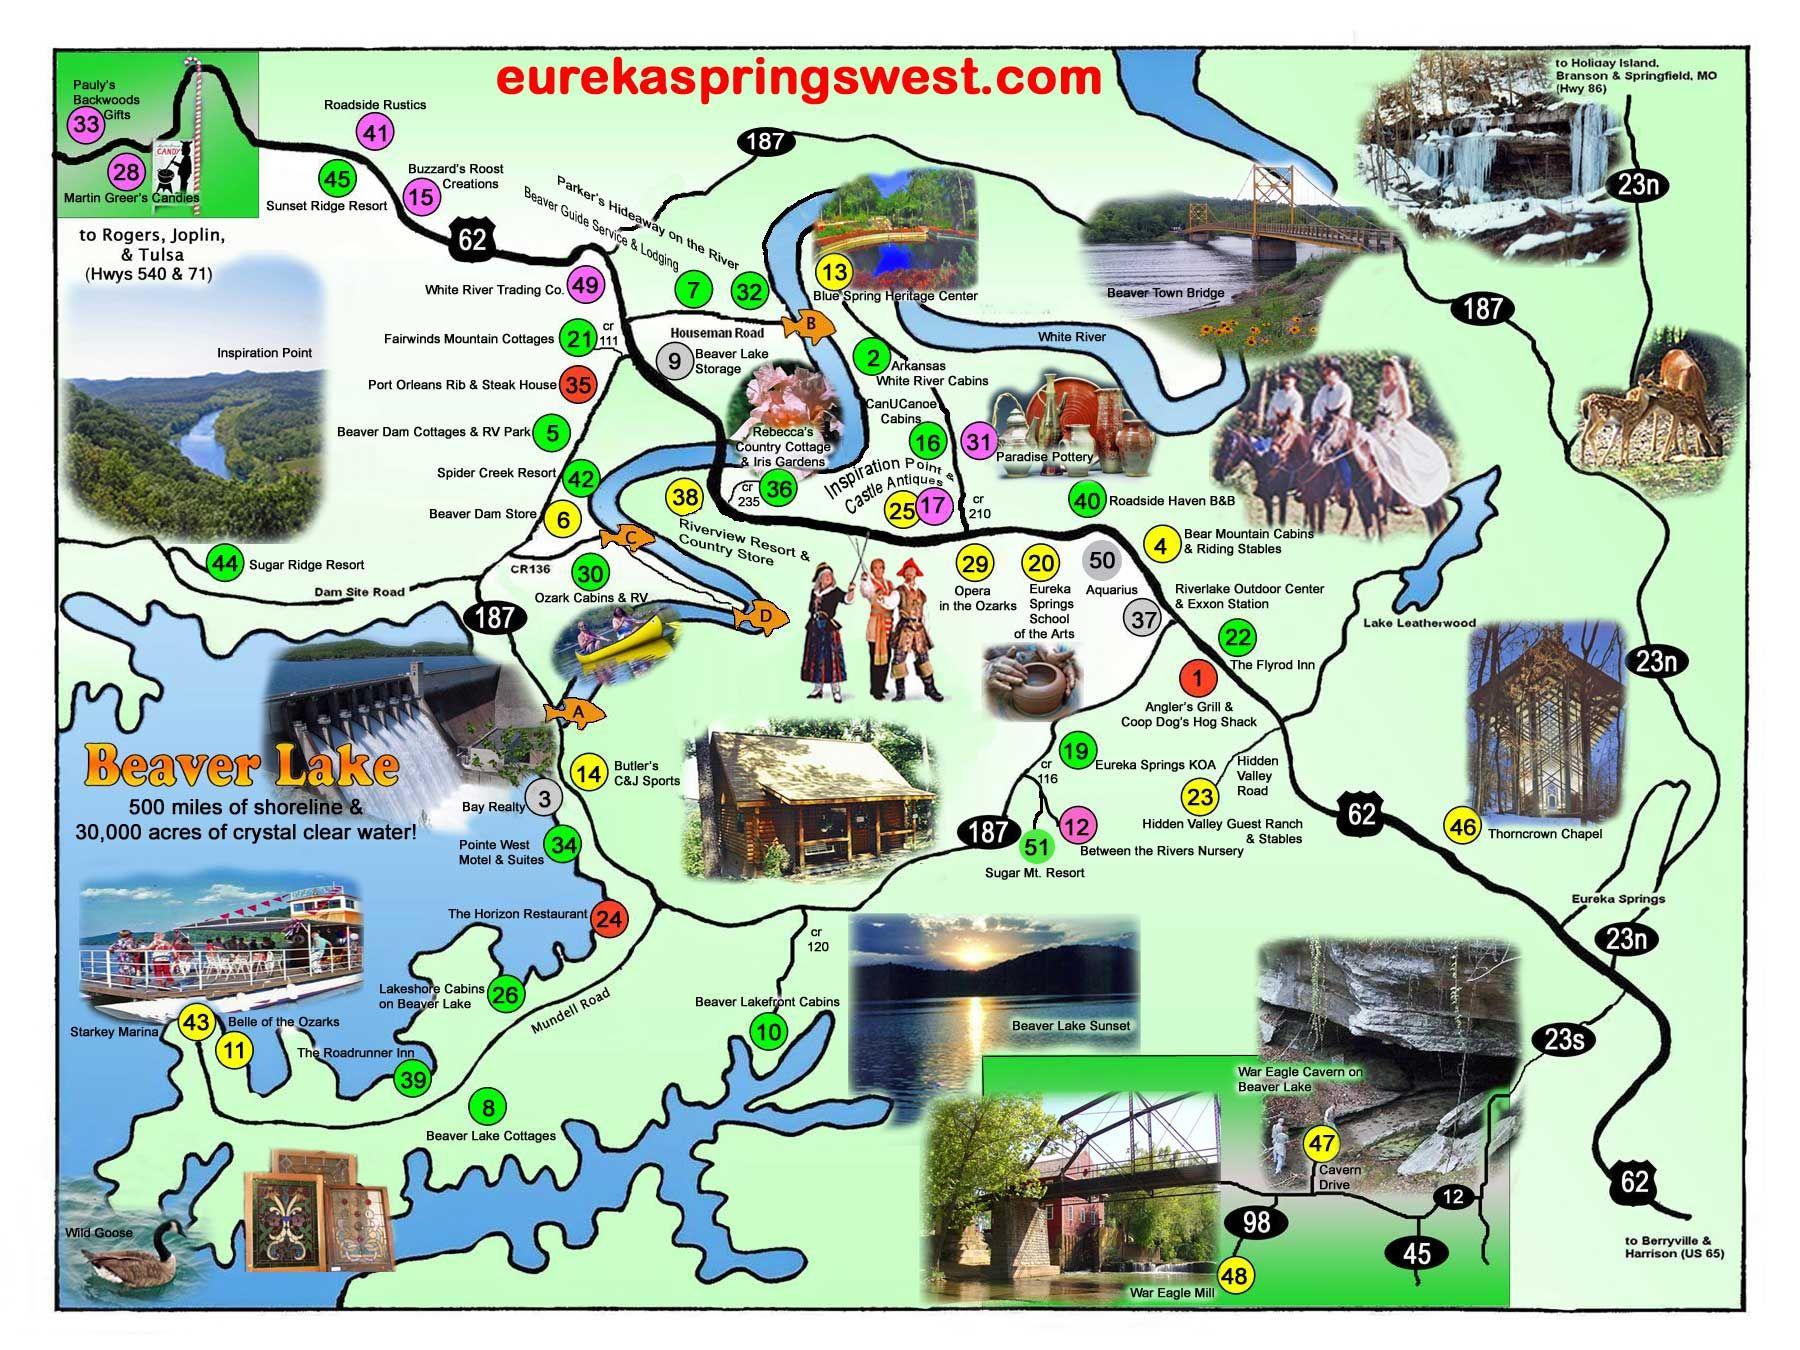 Eureka Springs Map Eureka Springs West Tourist Map   Eureka Springs Arkansas  Eureka Springs Map